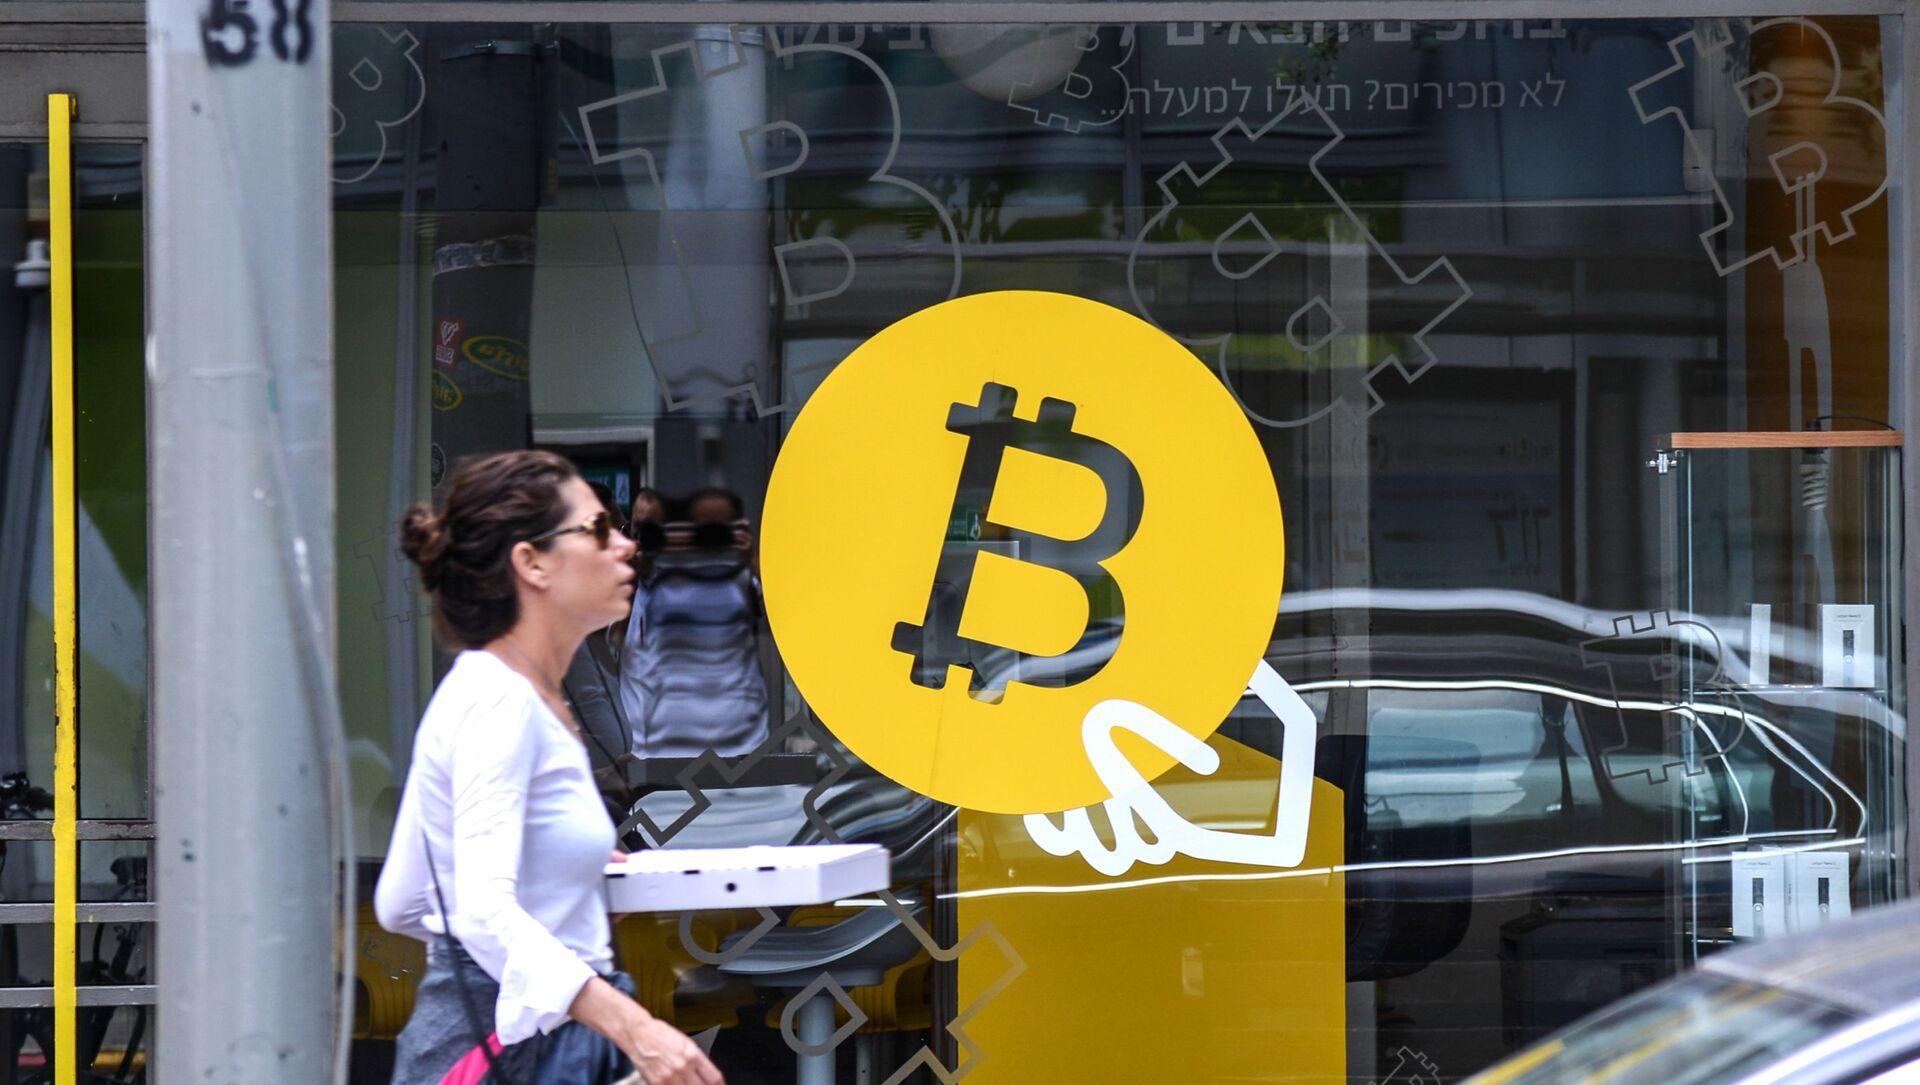 Quy đổi đồng tiền Bitcoin - Sputnik Việt Nam, 1920, 05.02.2021